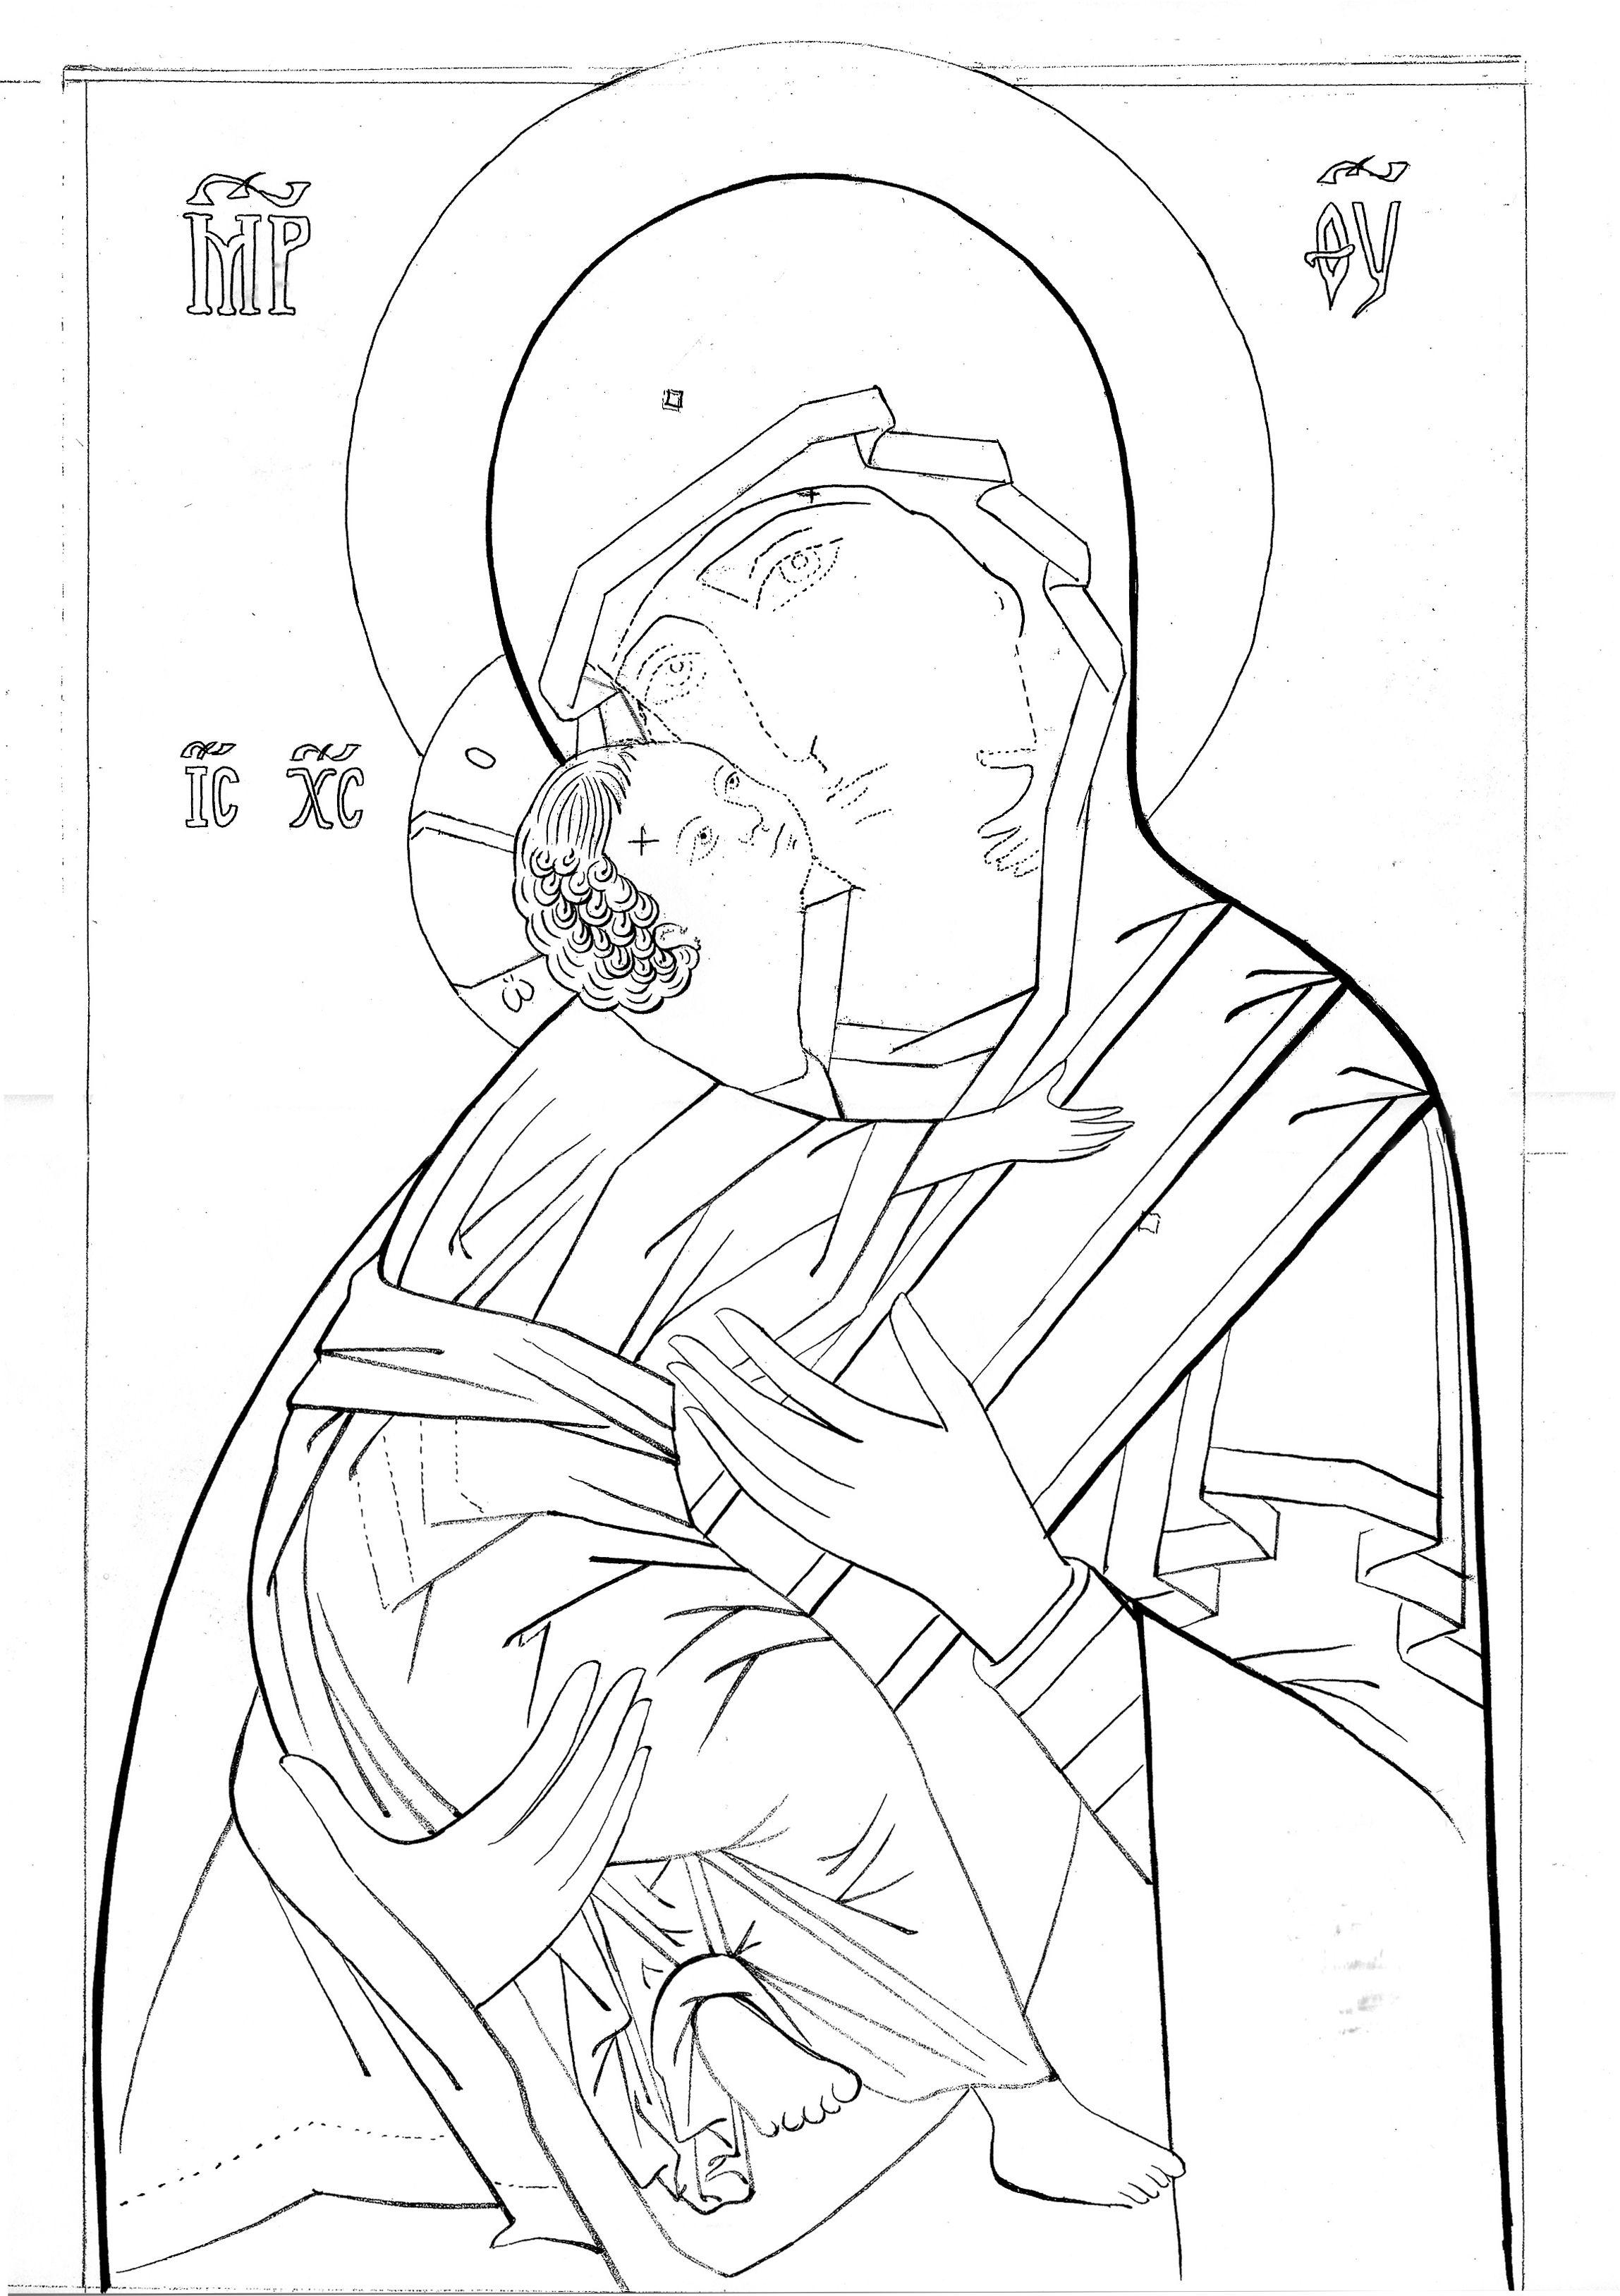 Risultati Immagini Per Disegno Madonna Della Tenerezza Vladimir